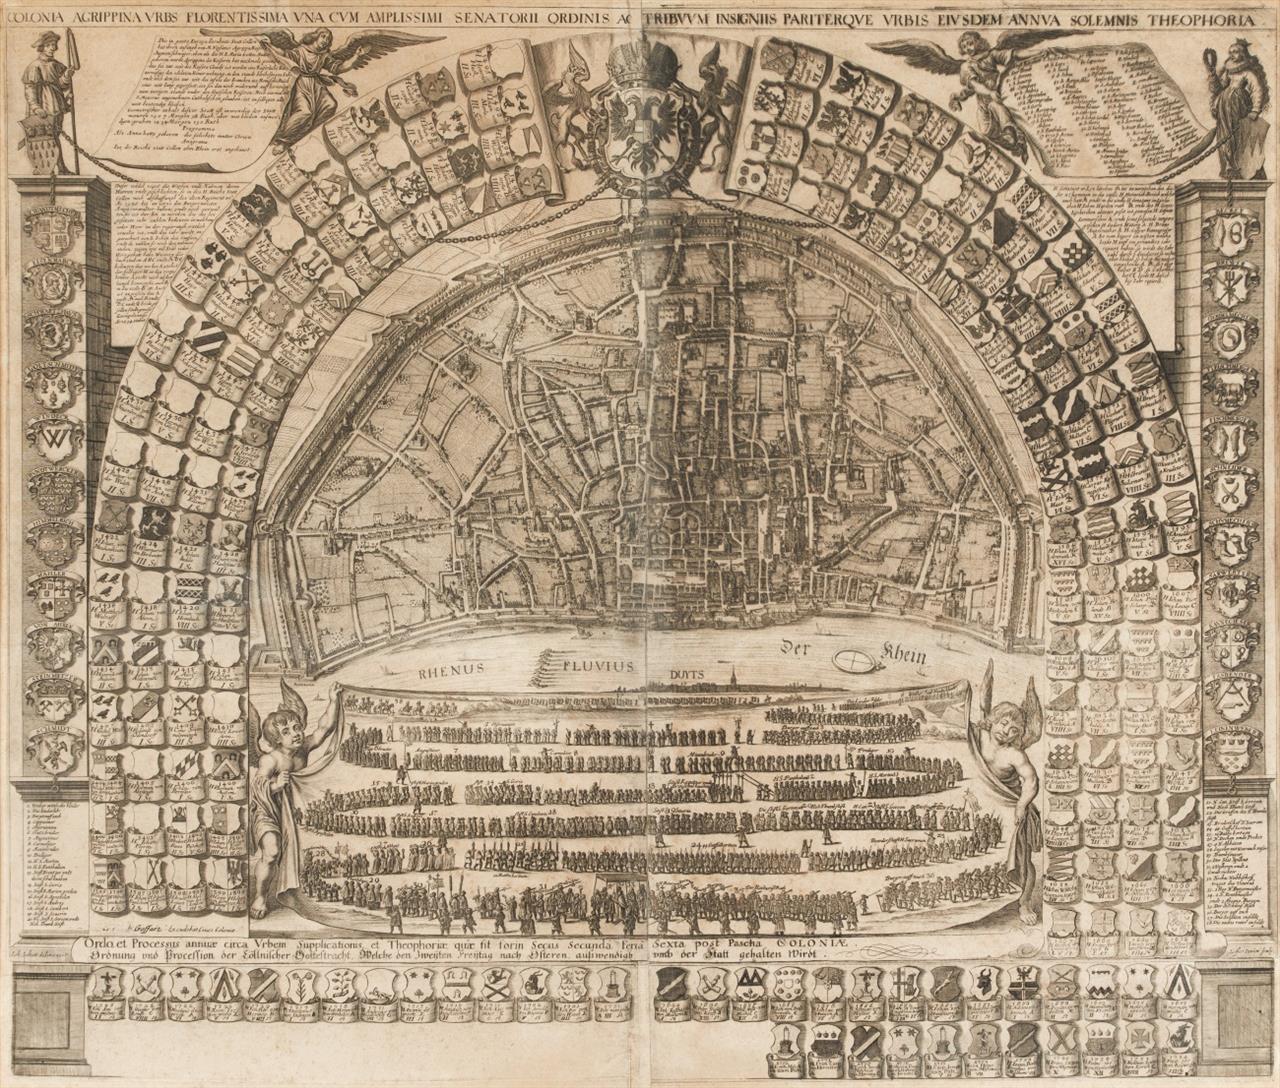 Köln. Colonia Agrippina Urbs Florentissima ... Plan der Stadt mit Wappenumrahmung. 1658 (- 1772). Kupferstich von Johann Heinrich Löffler.